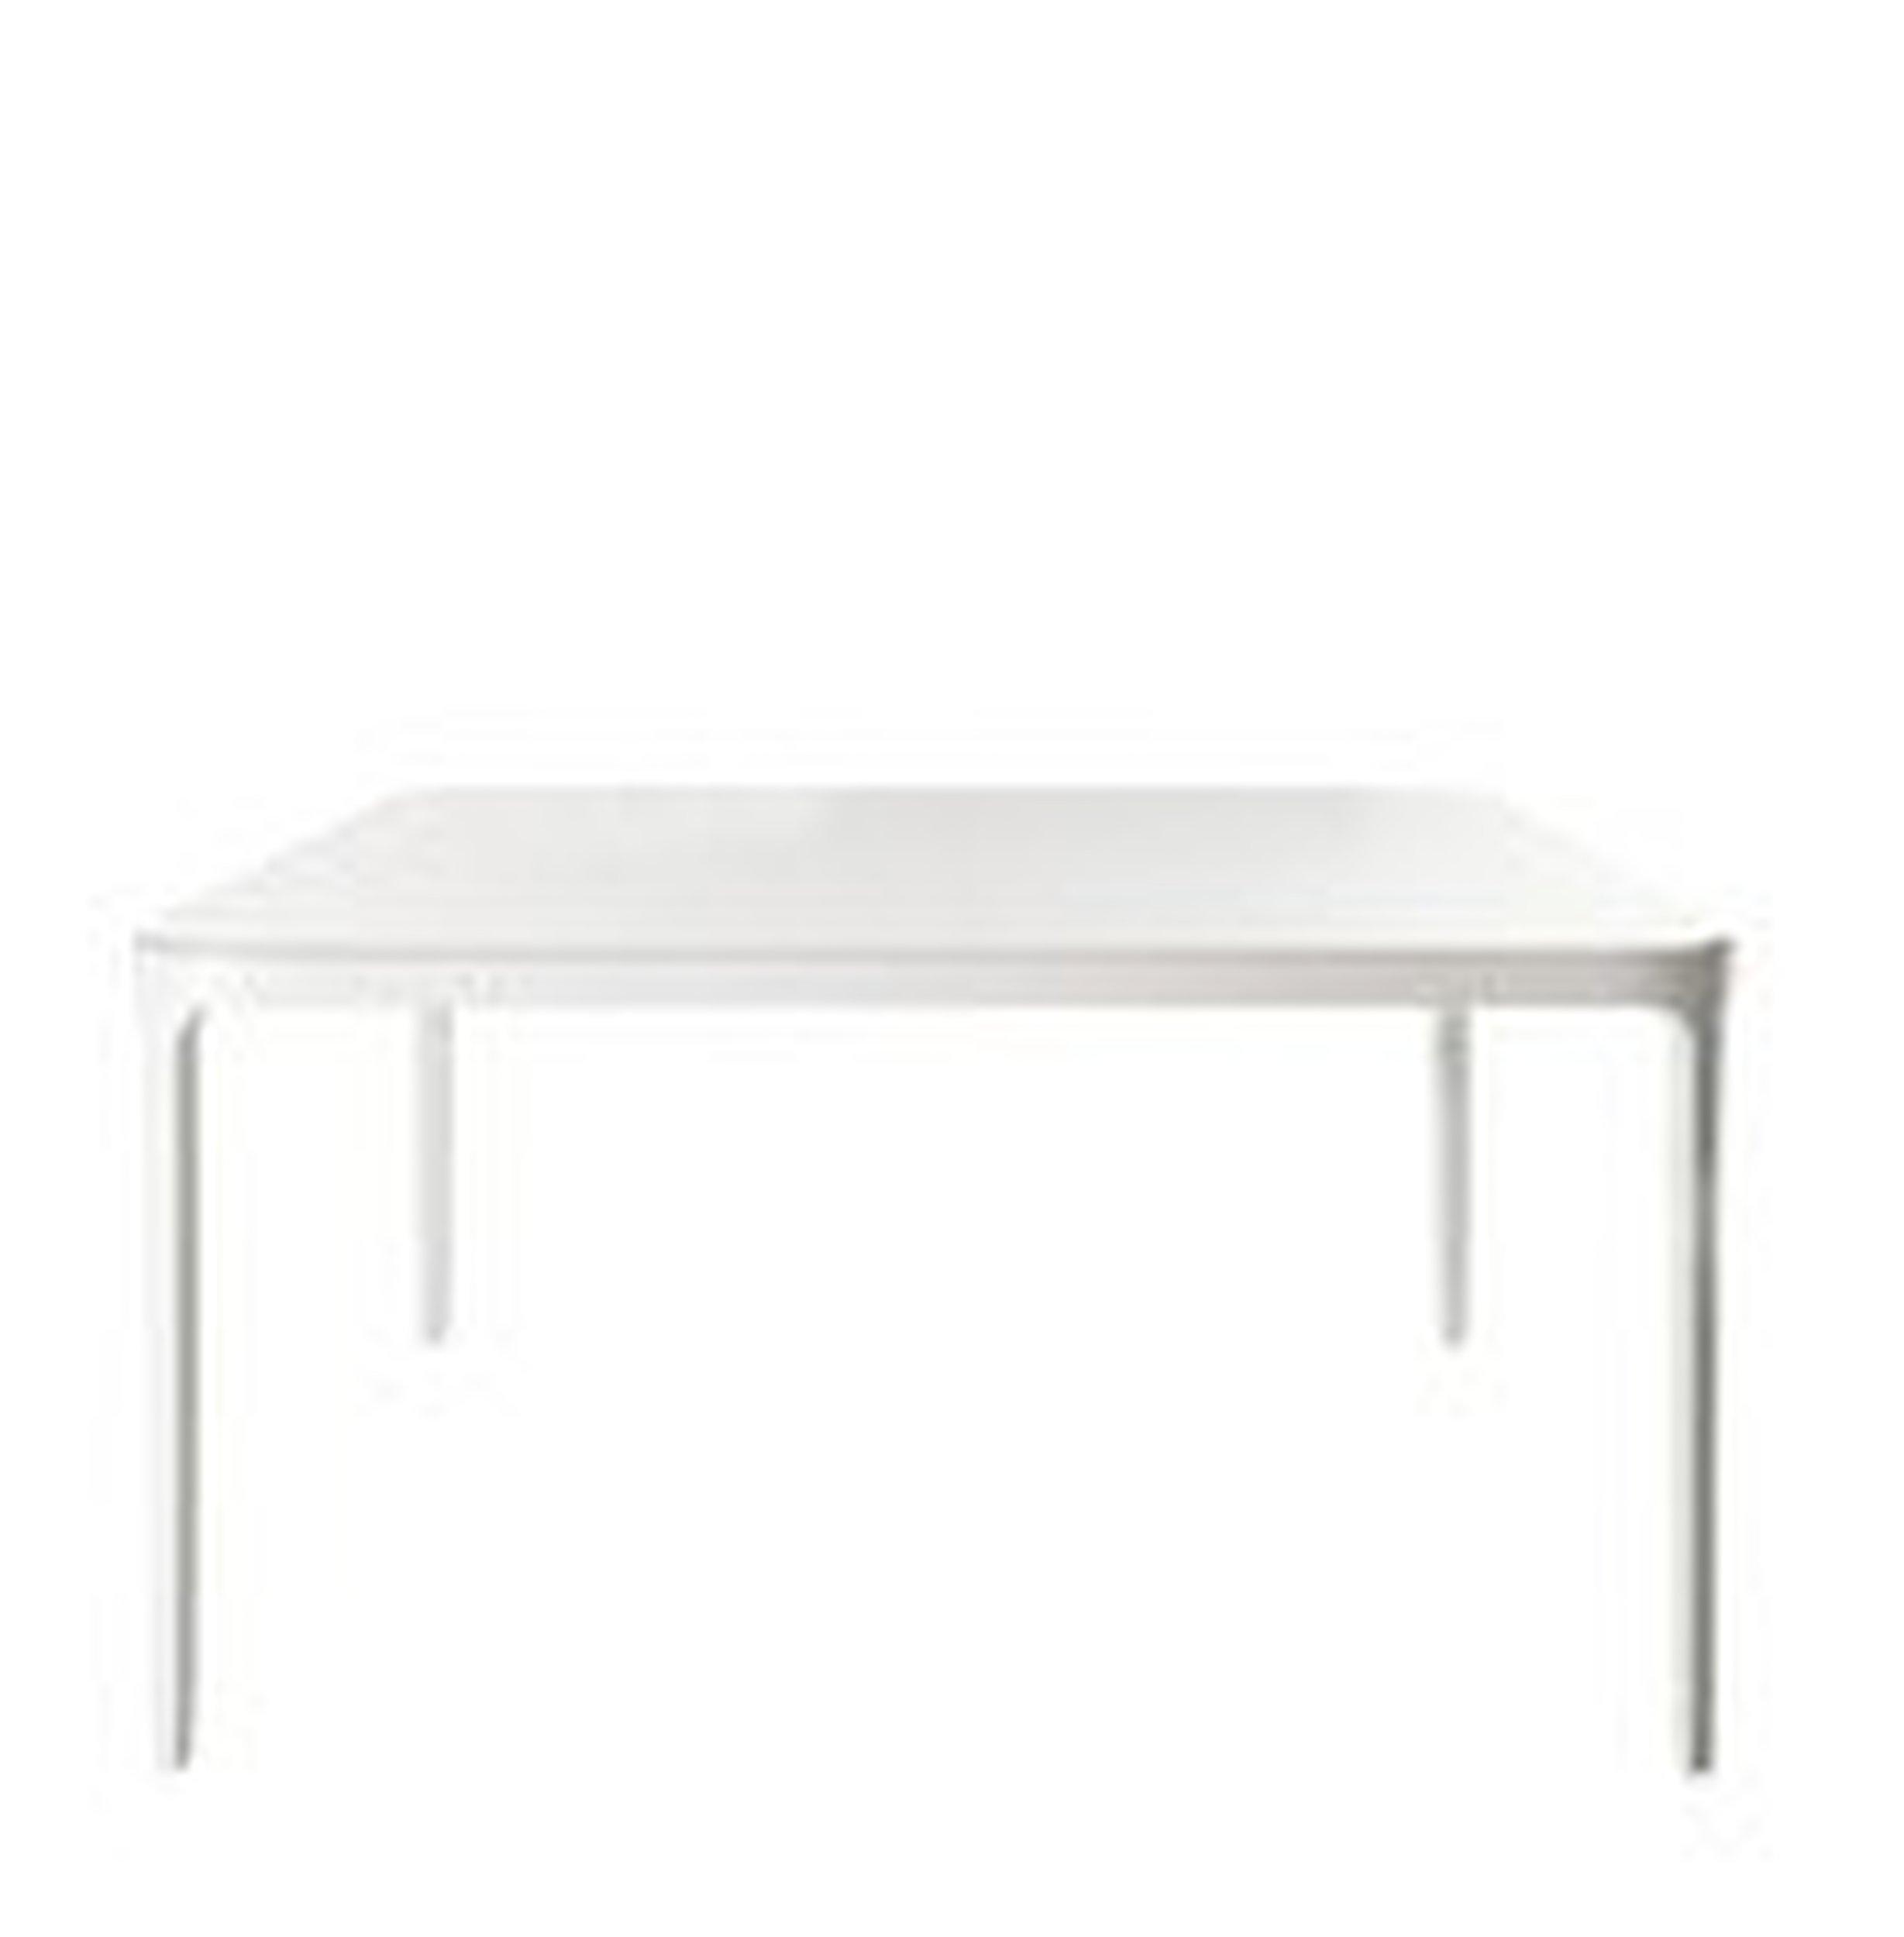 Stół Vanity kwadratowy 140 cm - zdjęcie 1